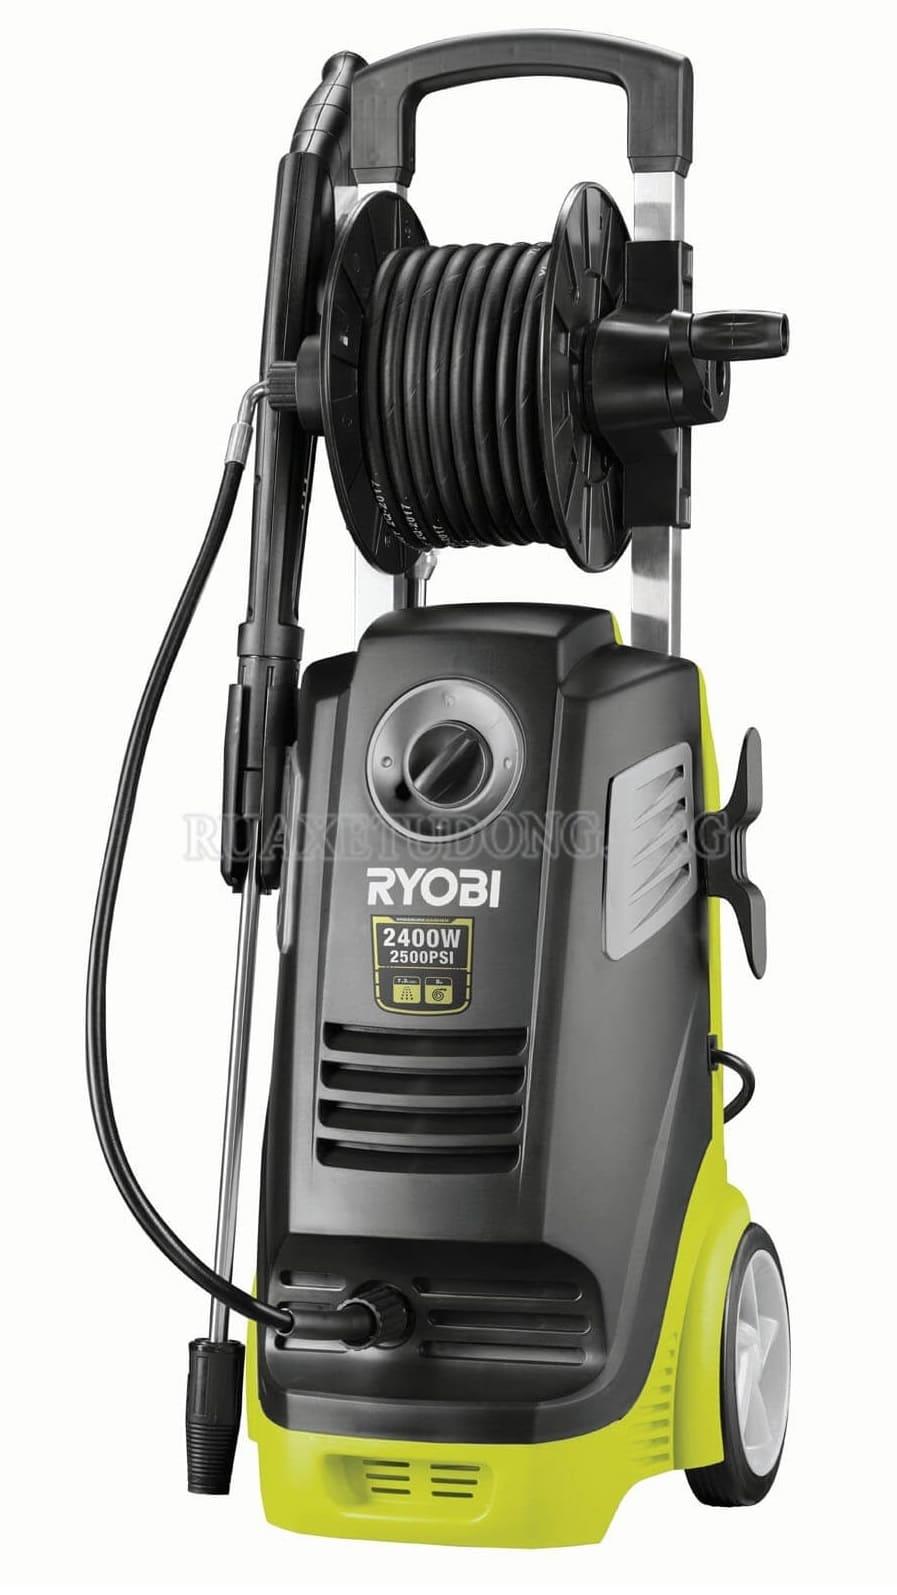 Ryobi-RPW170-G-2400W